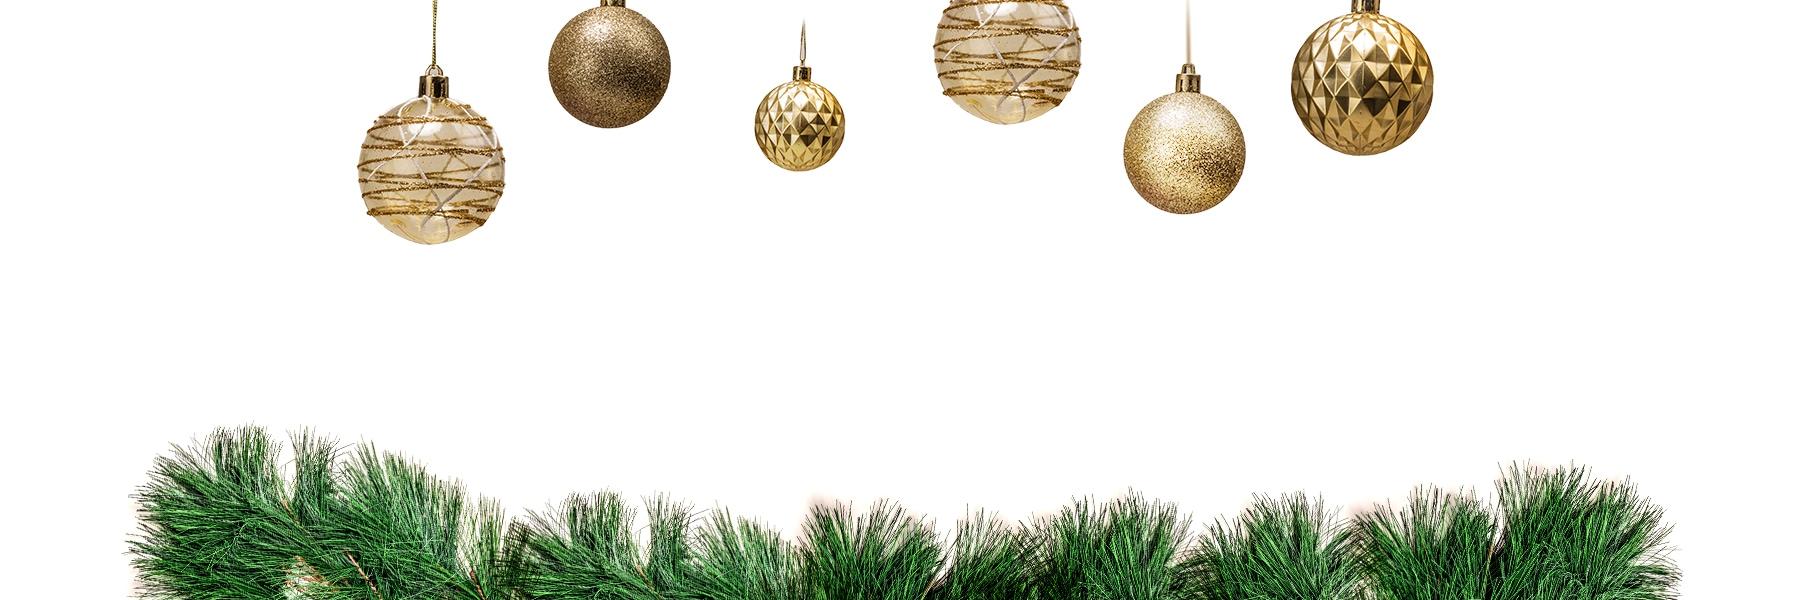 Holiday Greens and Christmas Tree Bulbs